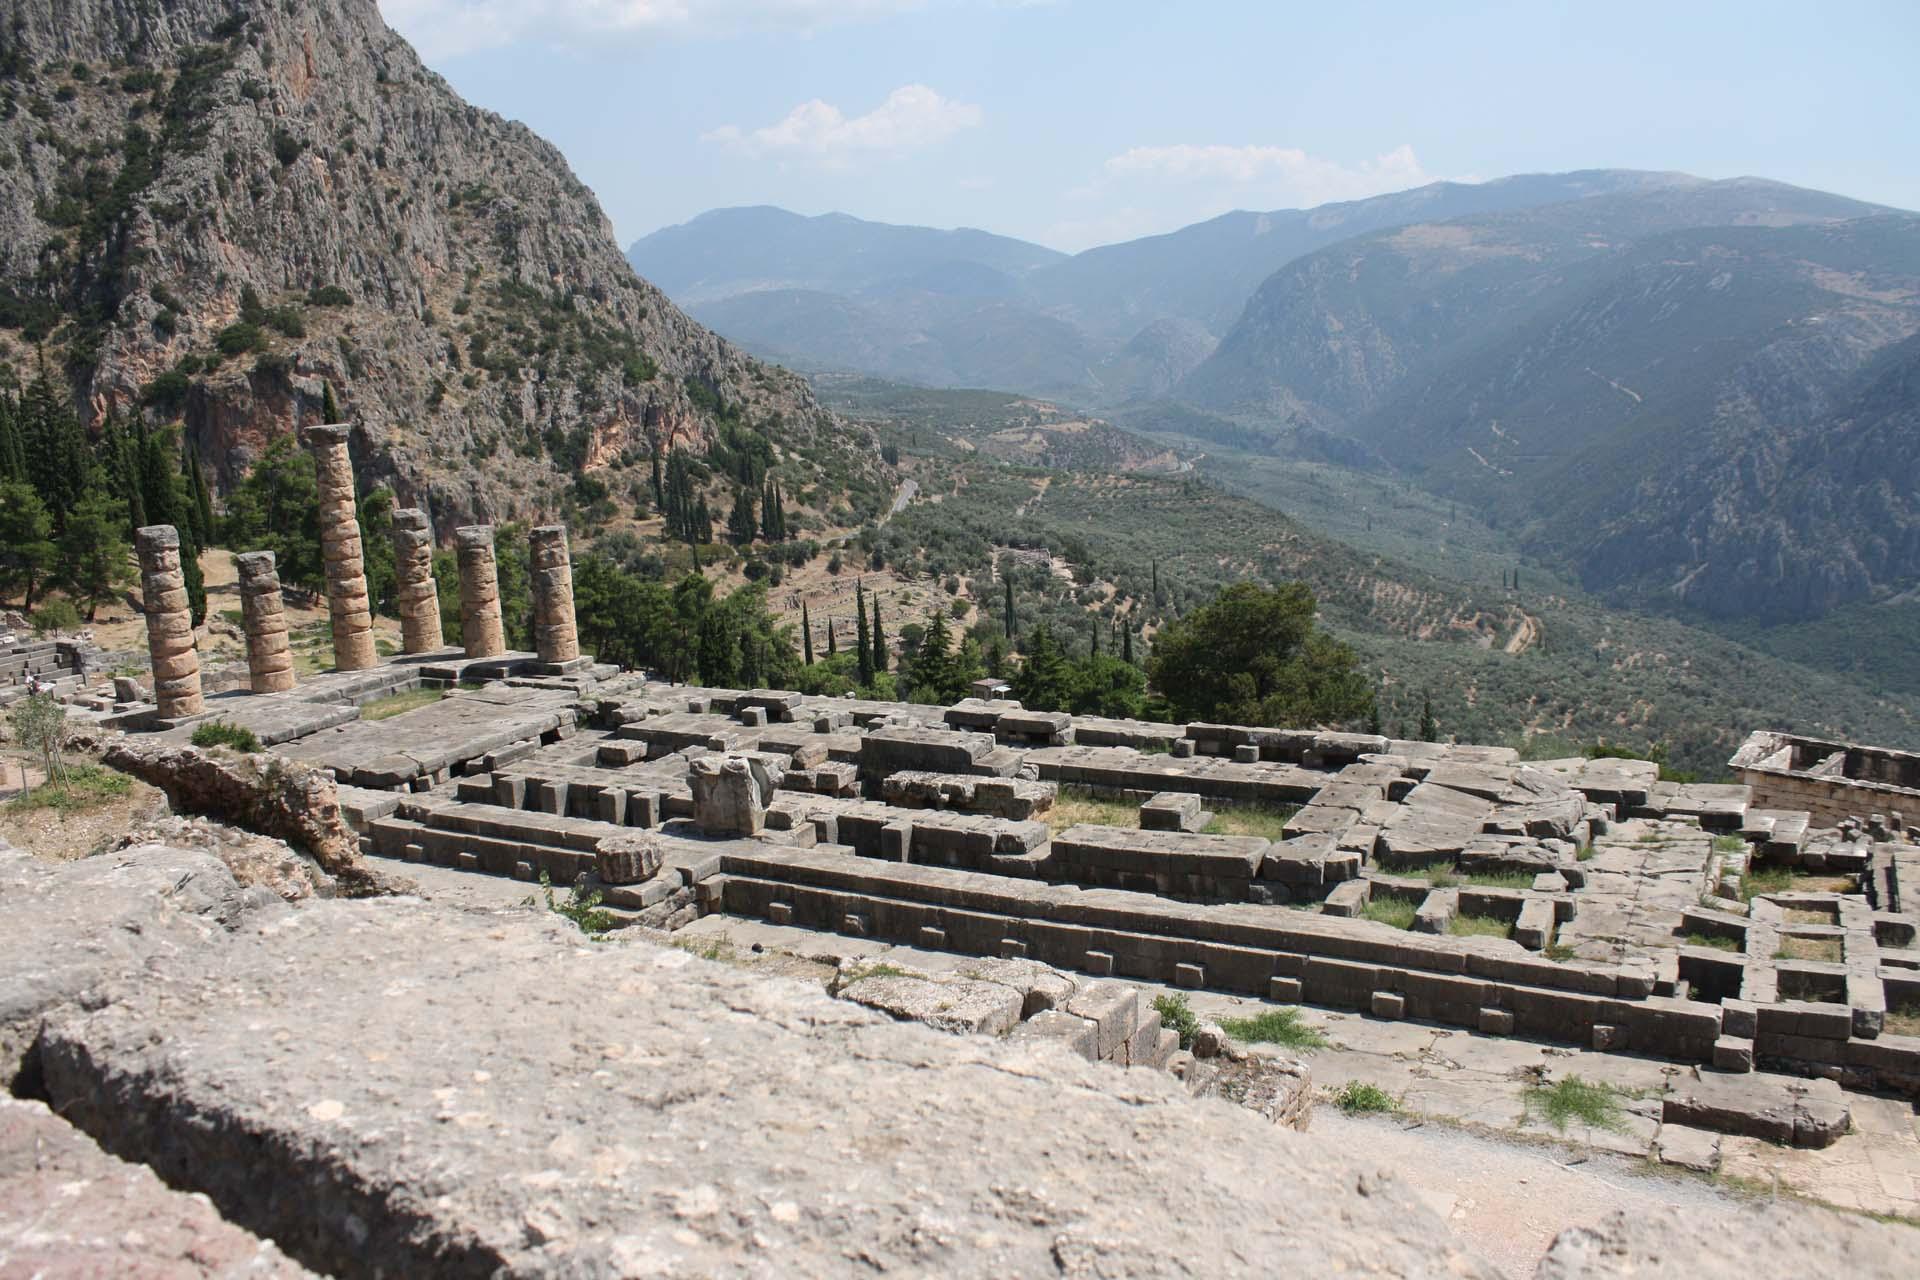 Vista del tempio di Apollo e delle colline rovine